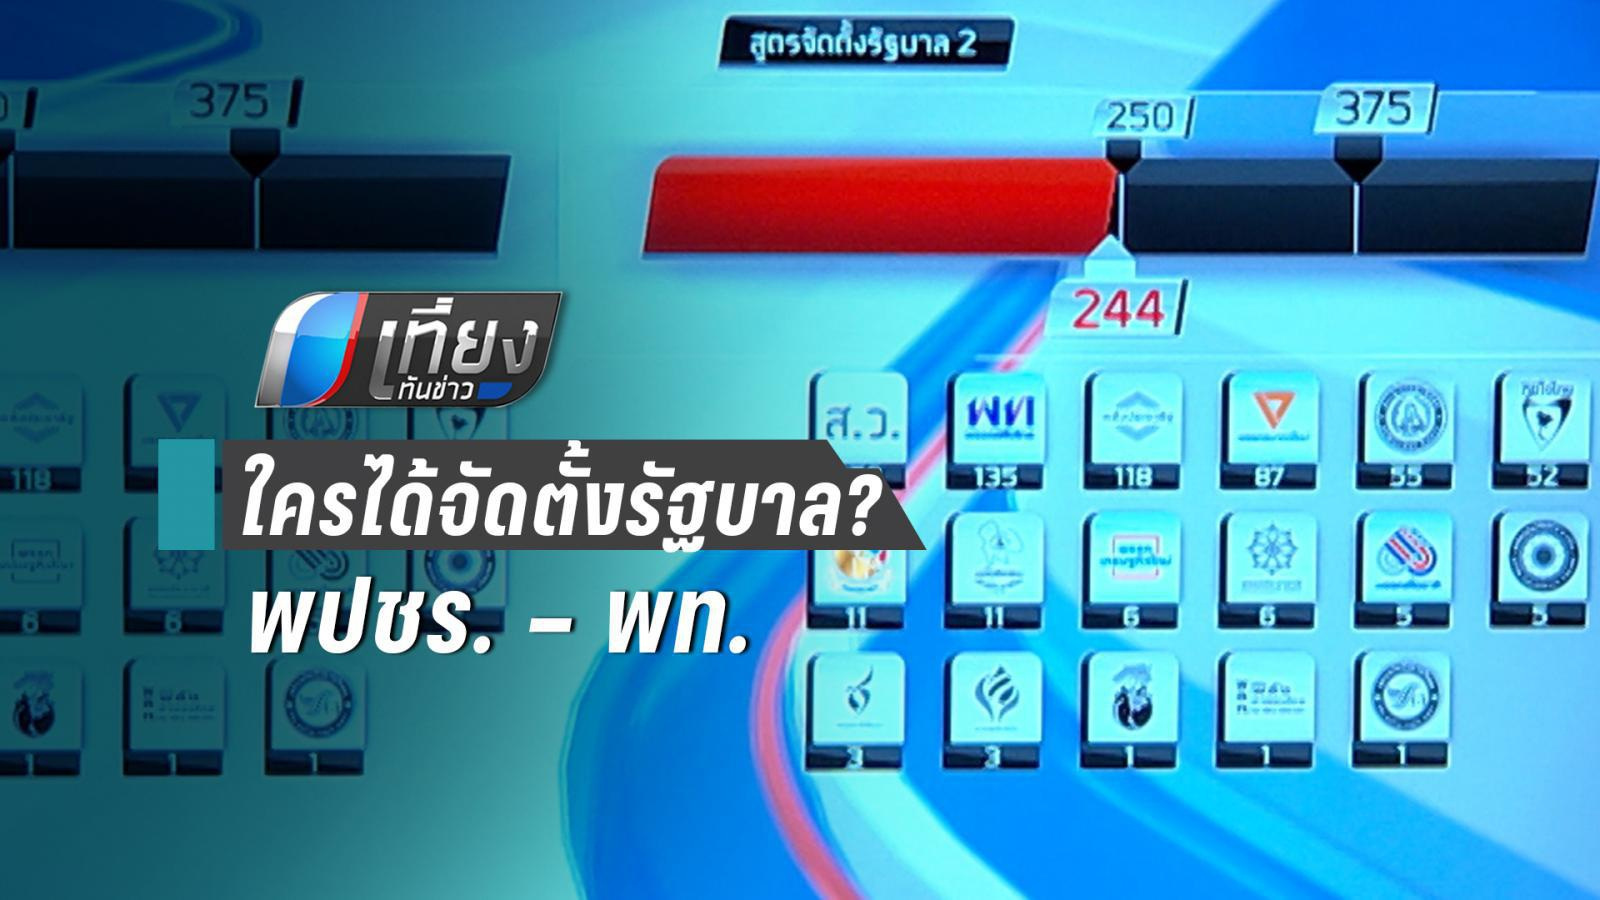 """วิเคราะห์ """"พลังประชารัฐ – เพื่อไทย"""" ใครได้จัดตั้งรัฐบาล?"""